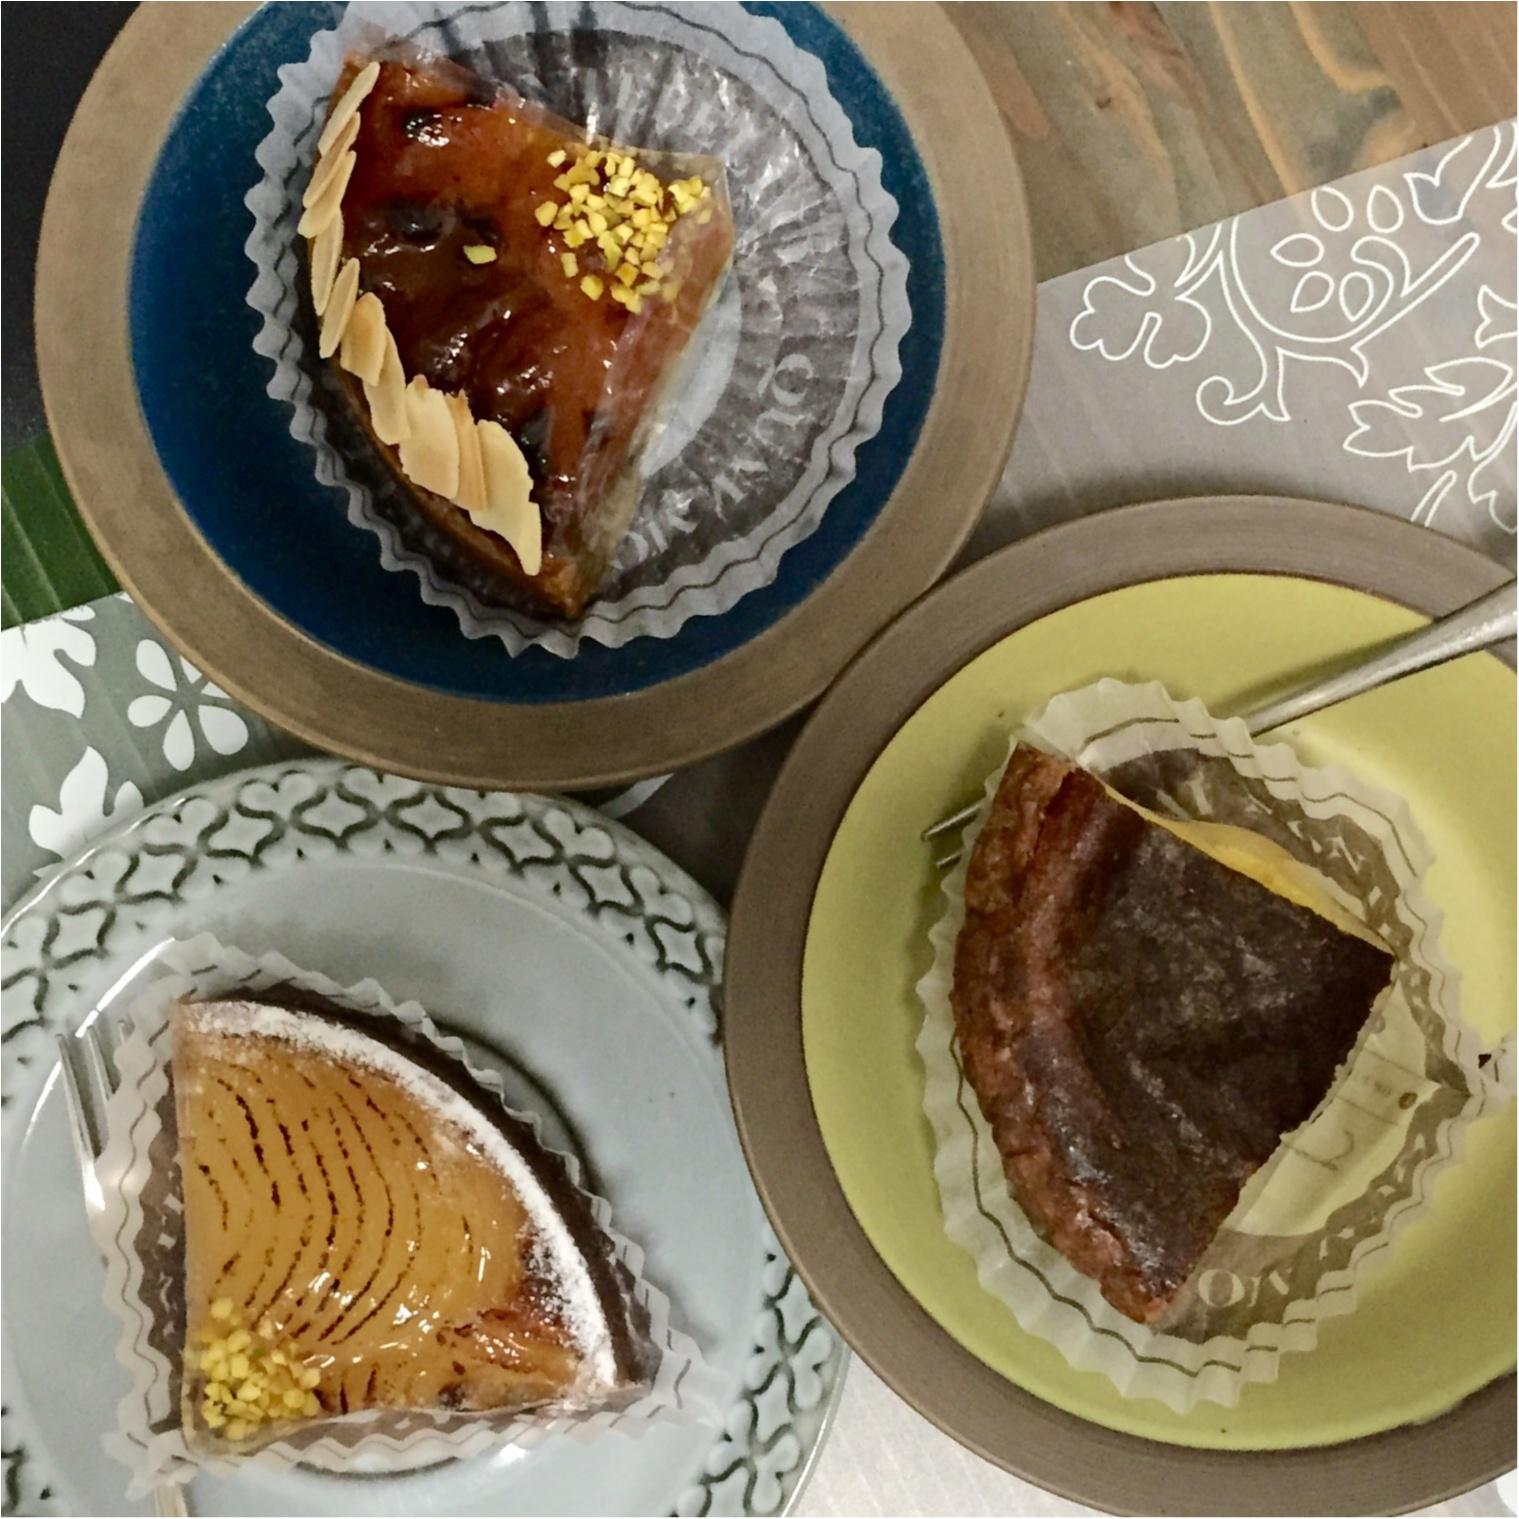 焼き菓子買うならモンテベロがおすすめ♡シンプルでハイセンスなお菓子がズラリ!_1